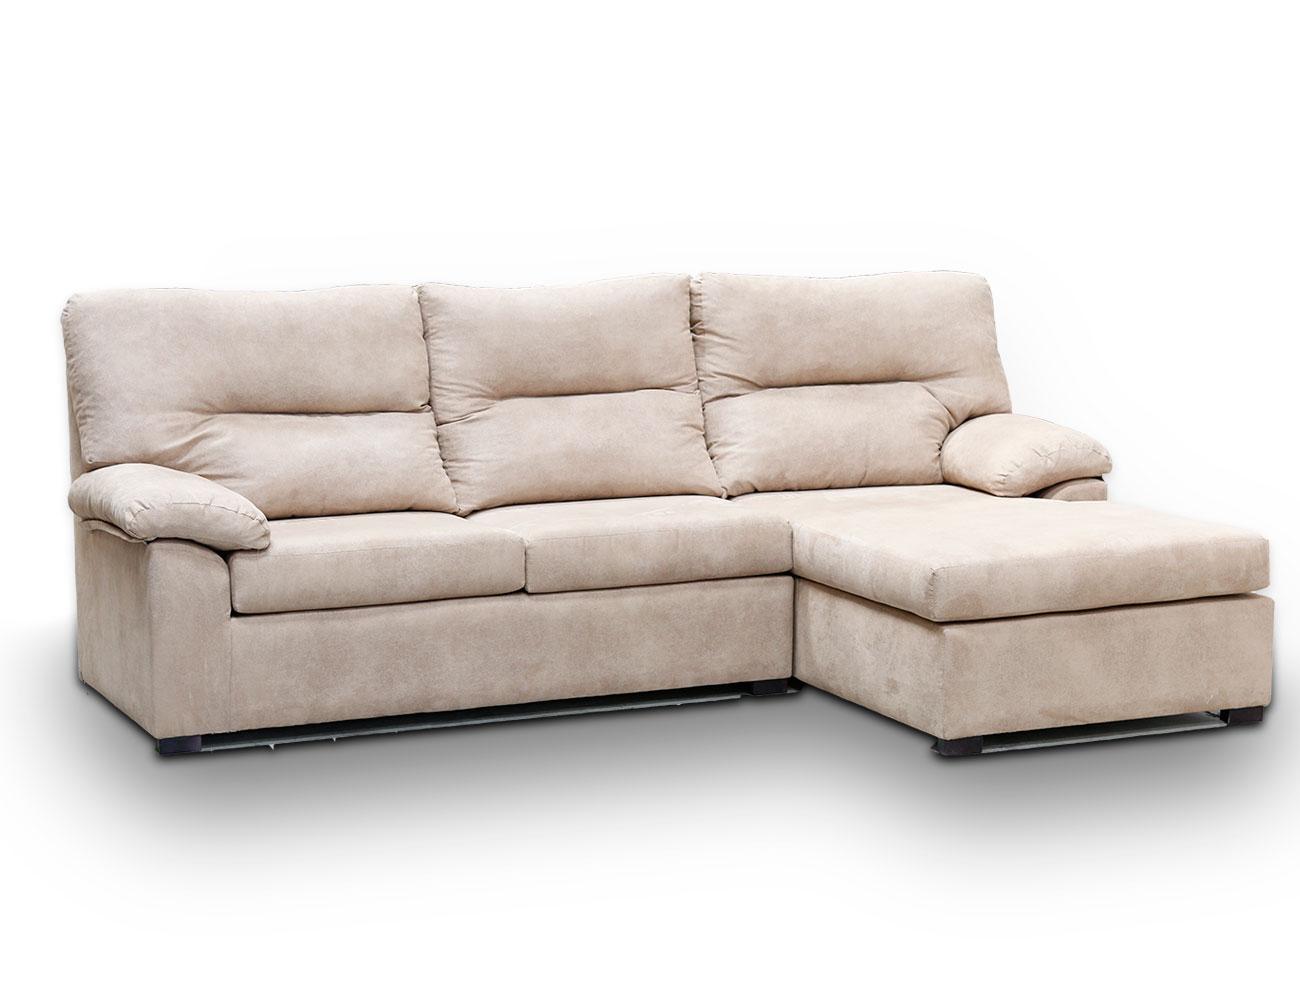 Sofa chaiselongue reversible barato3